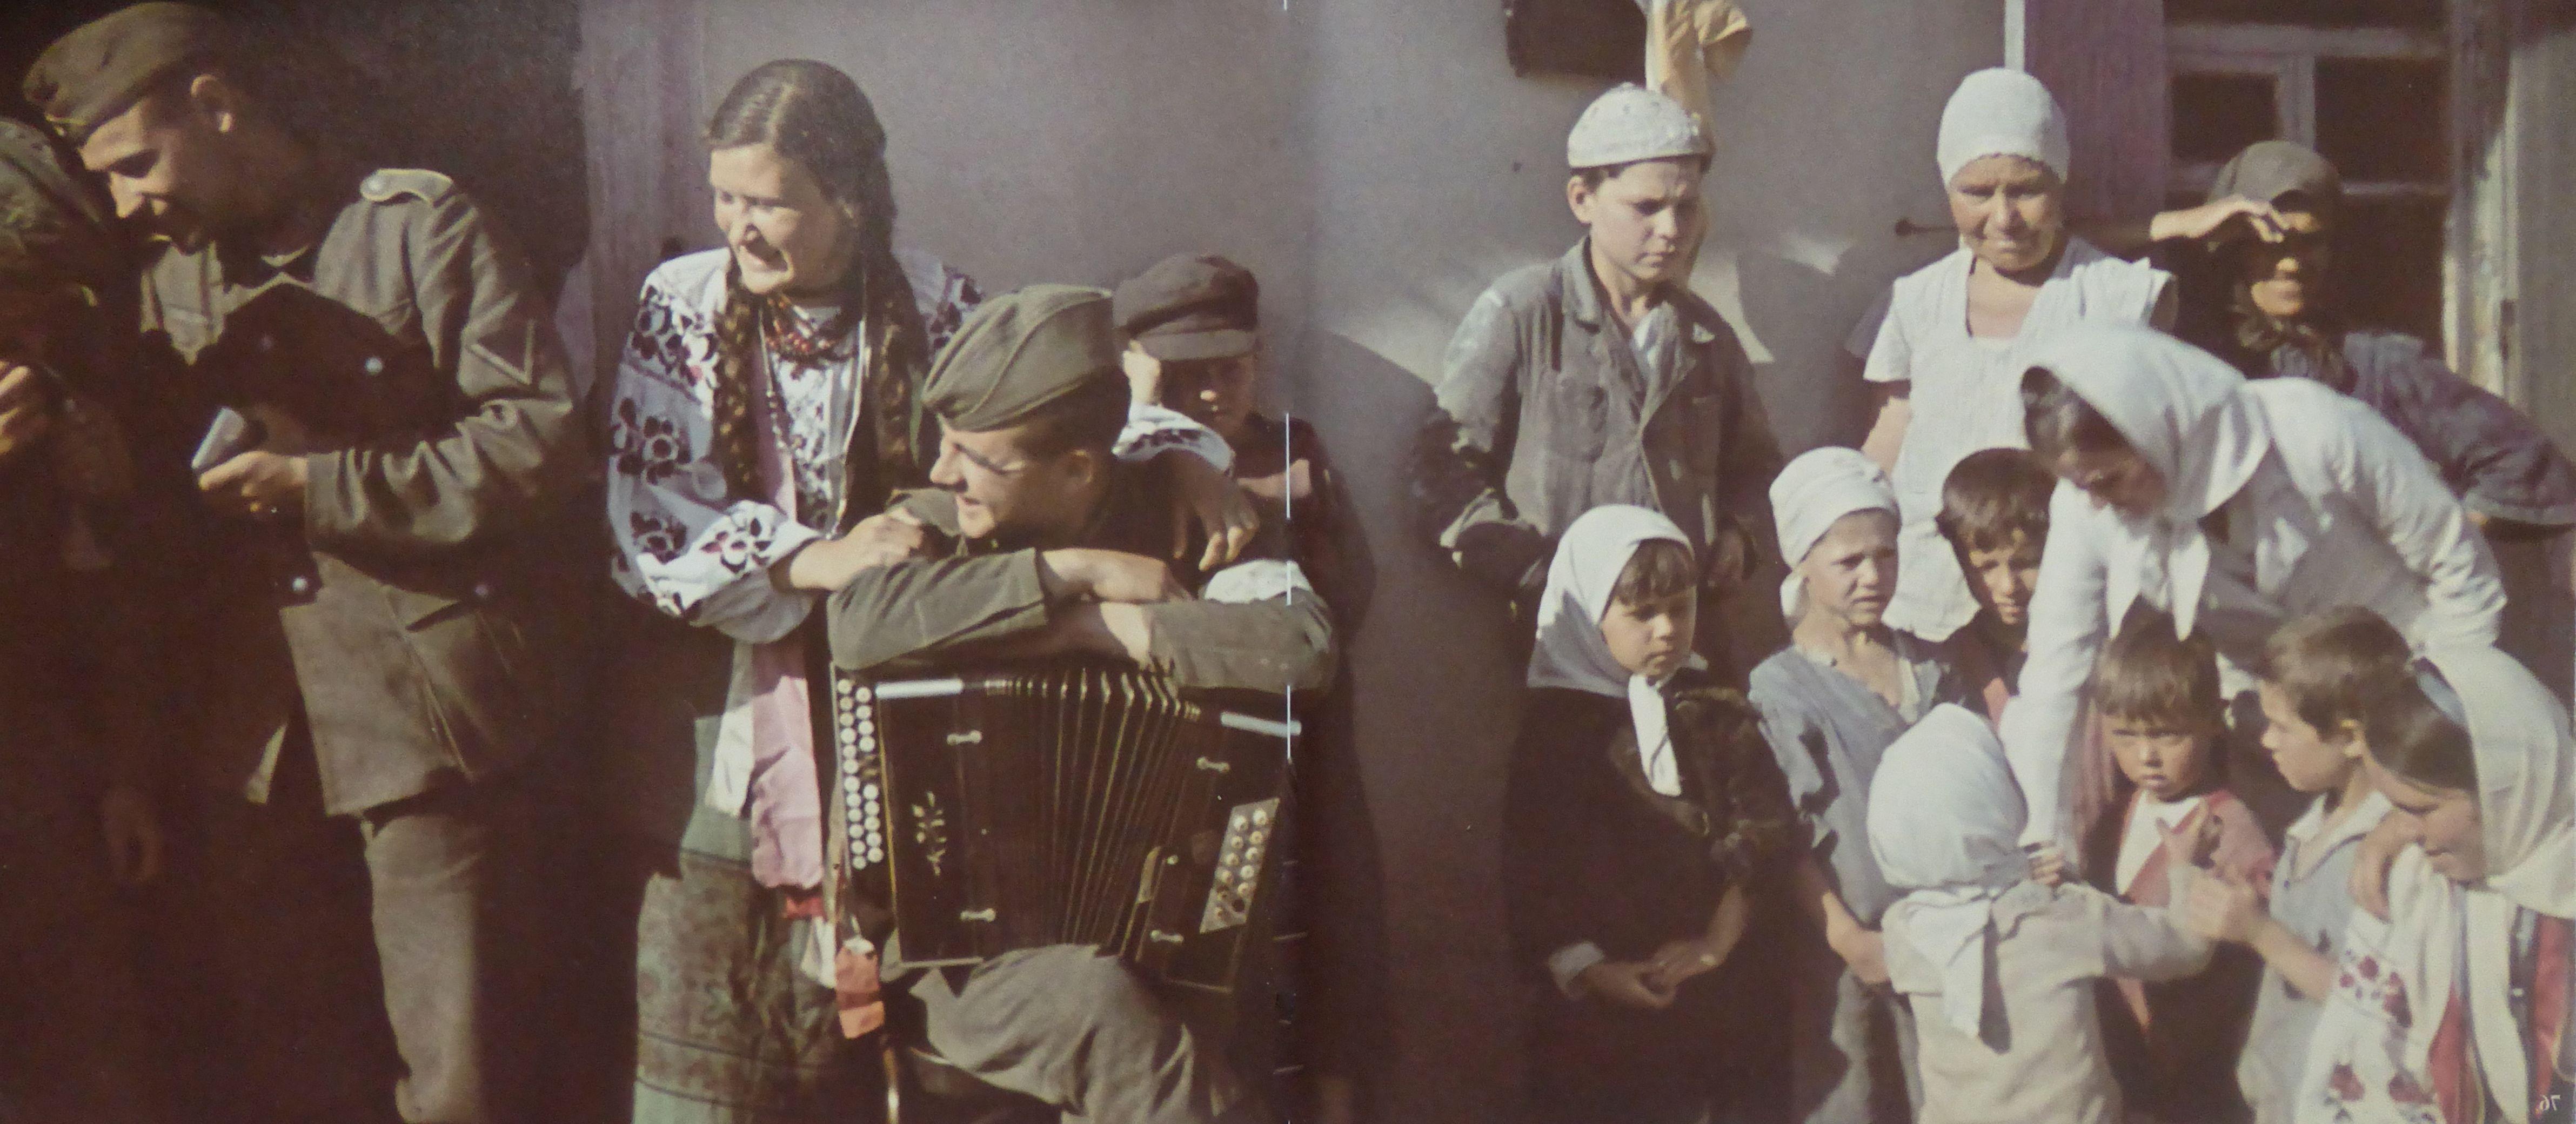 1942. Немецкие солдаты отдыхают с жителями села оккупированной Полтавской области